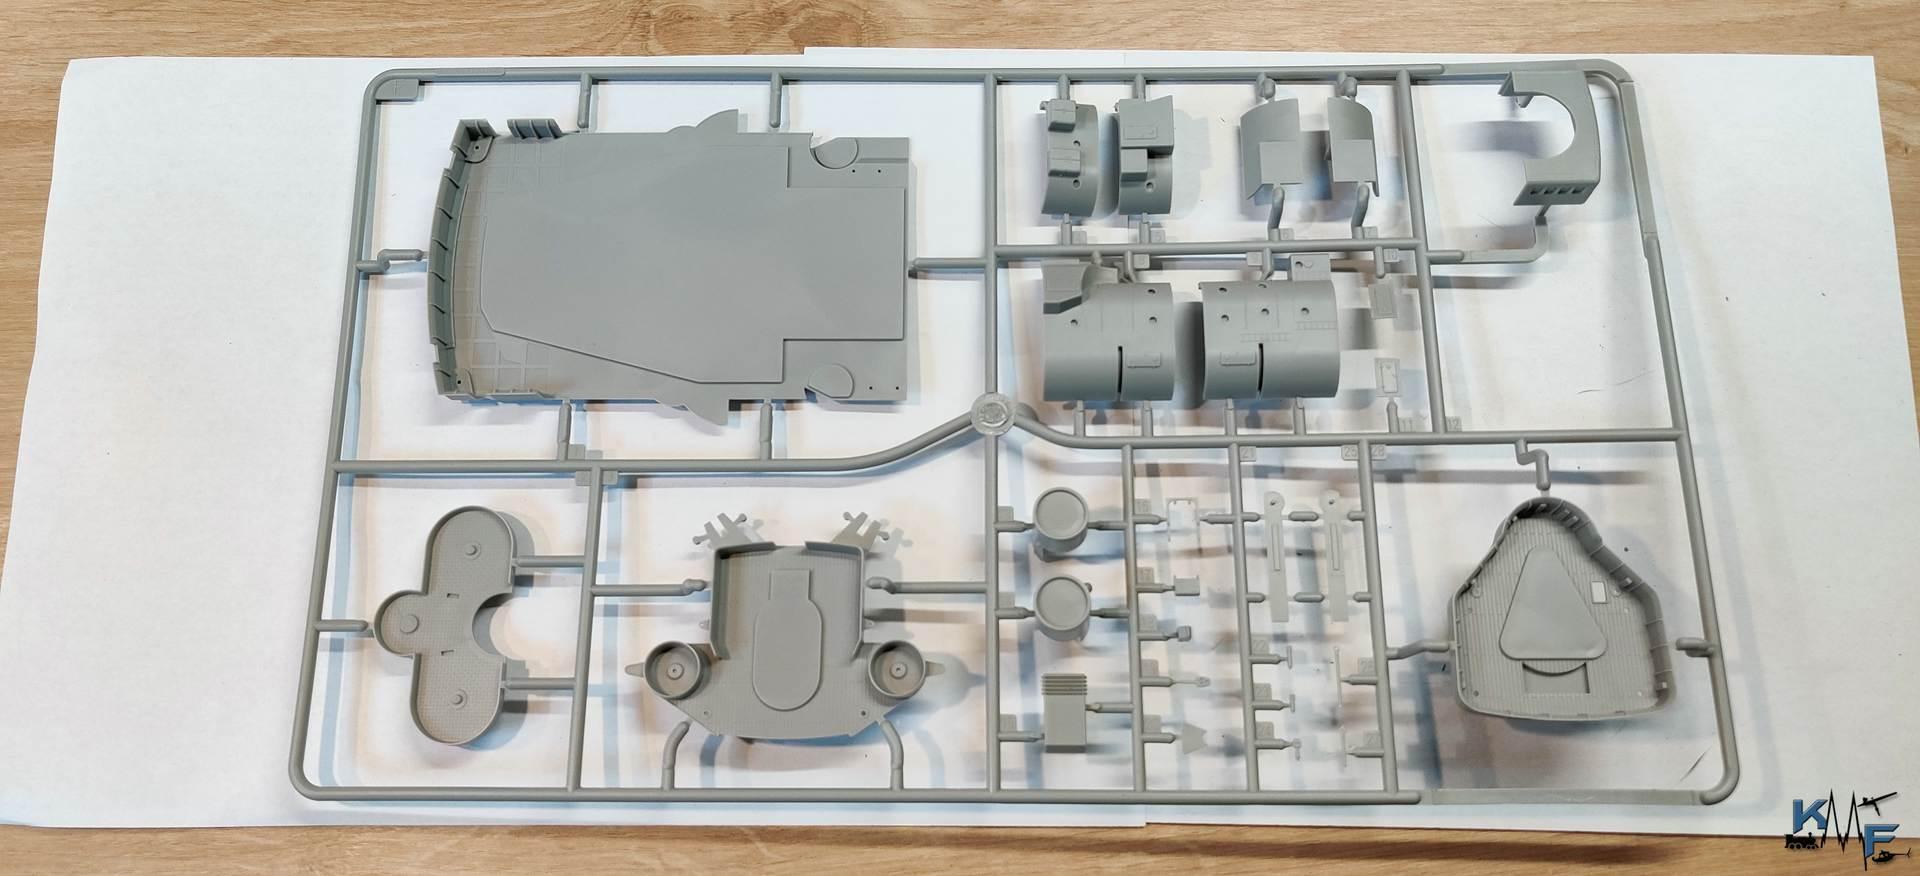 BV-TRU-BISMARCK_46.jpg